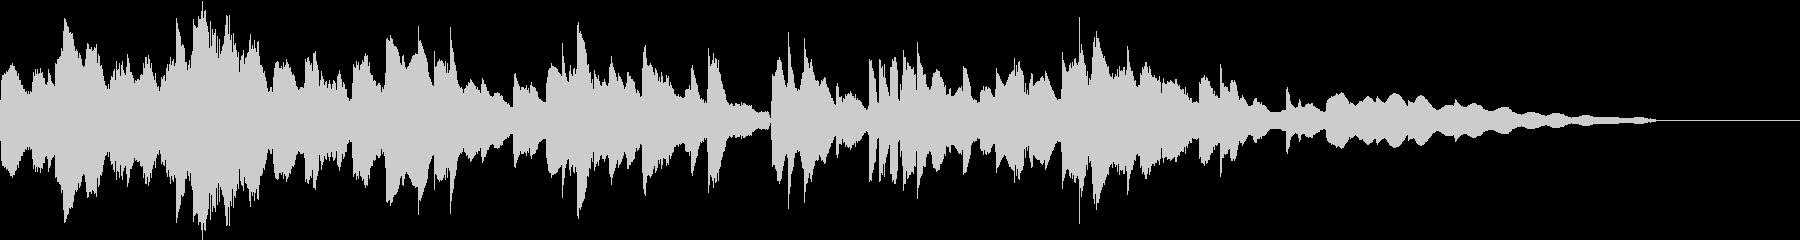 物語のエンディングに優しい音色のエレピ曲の未再生の波形